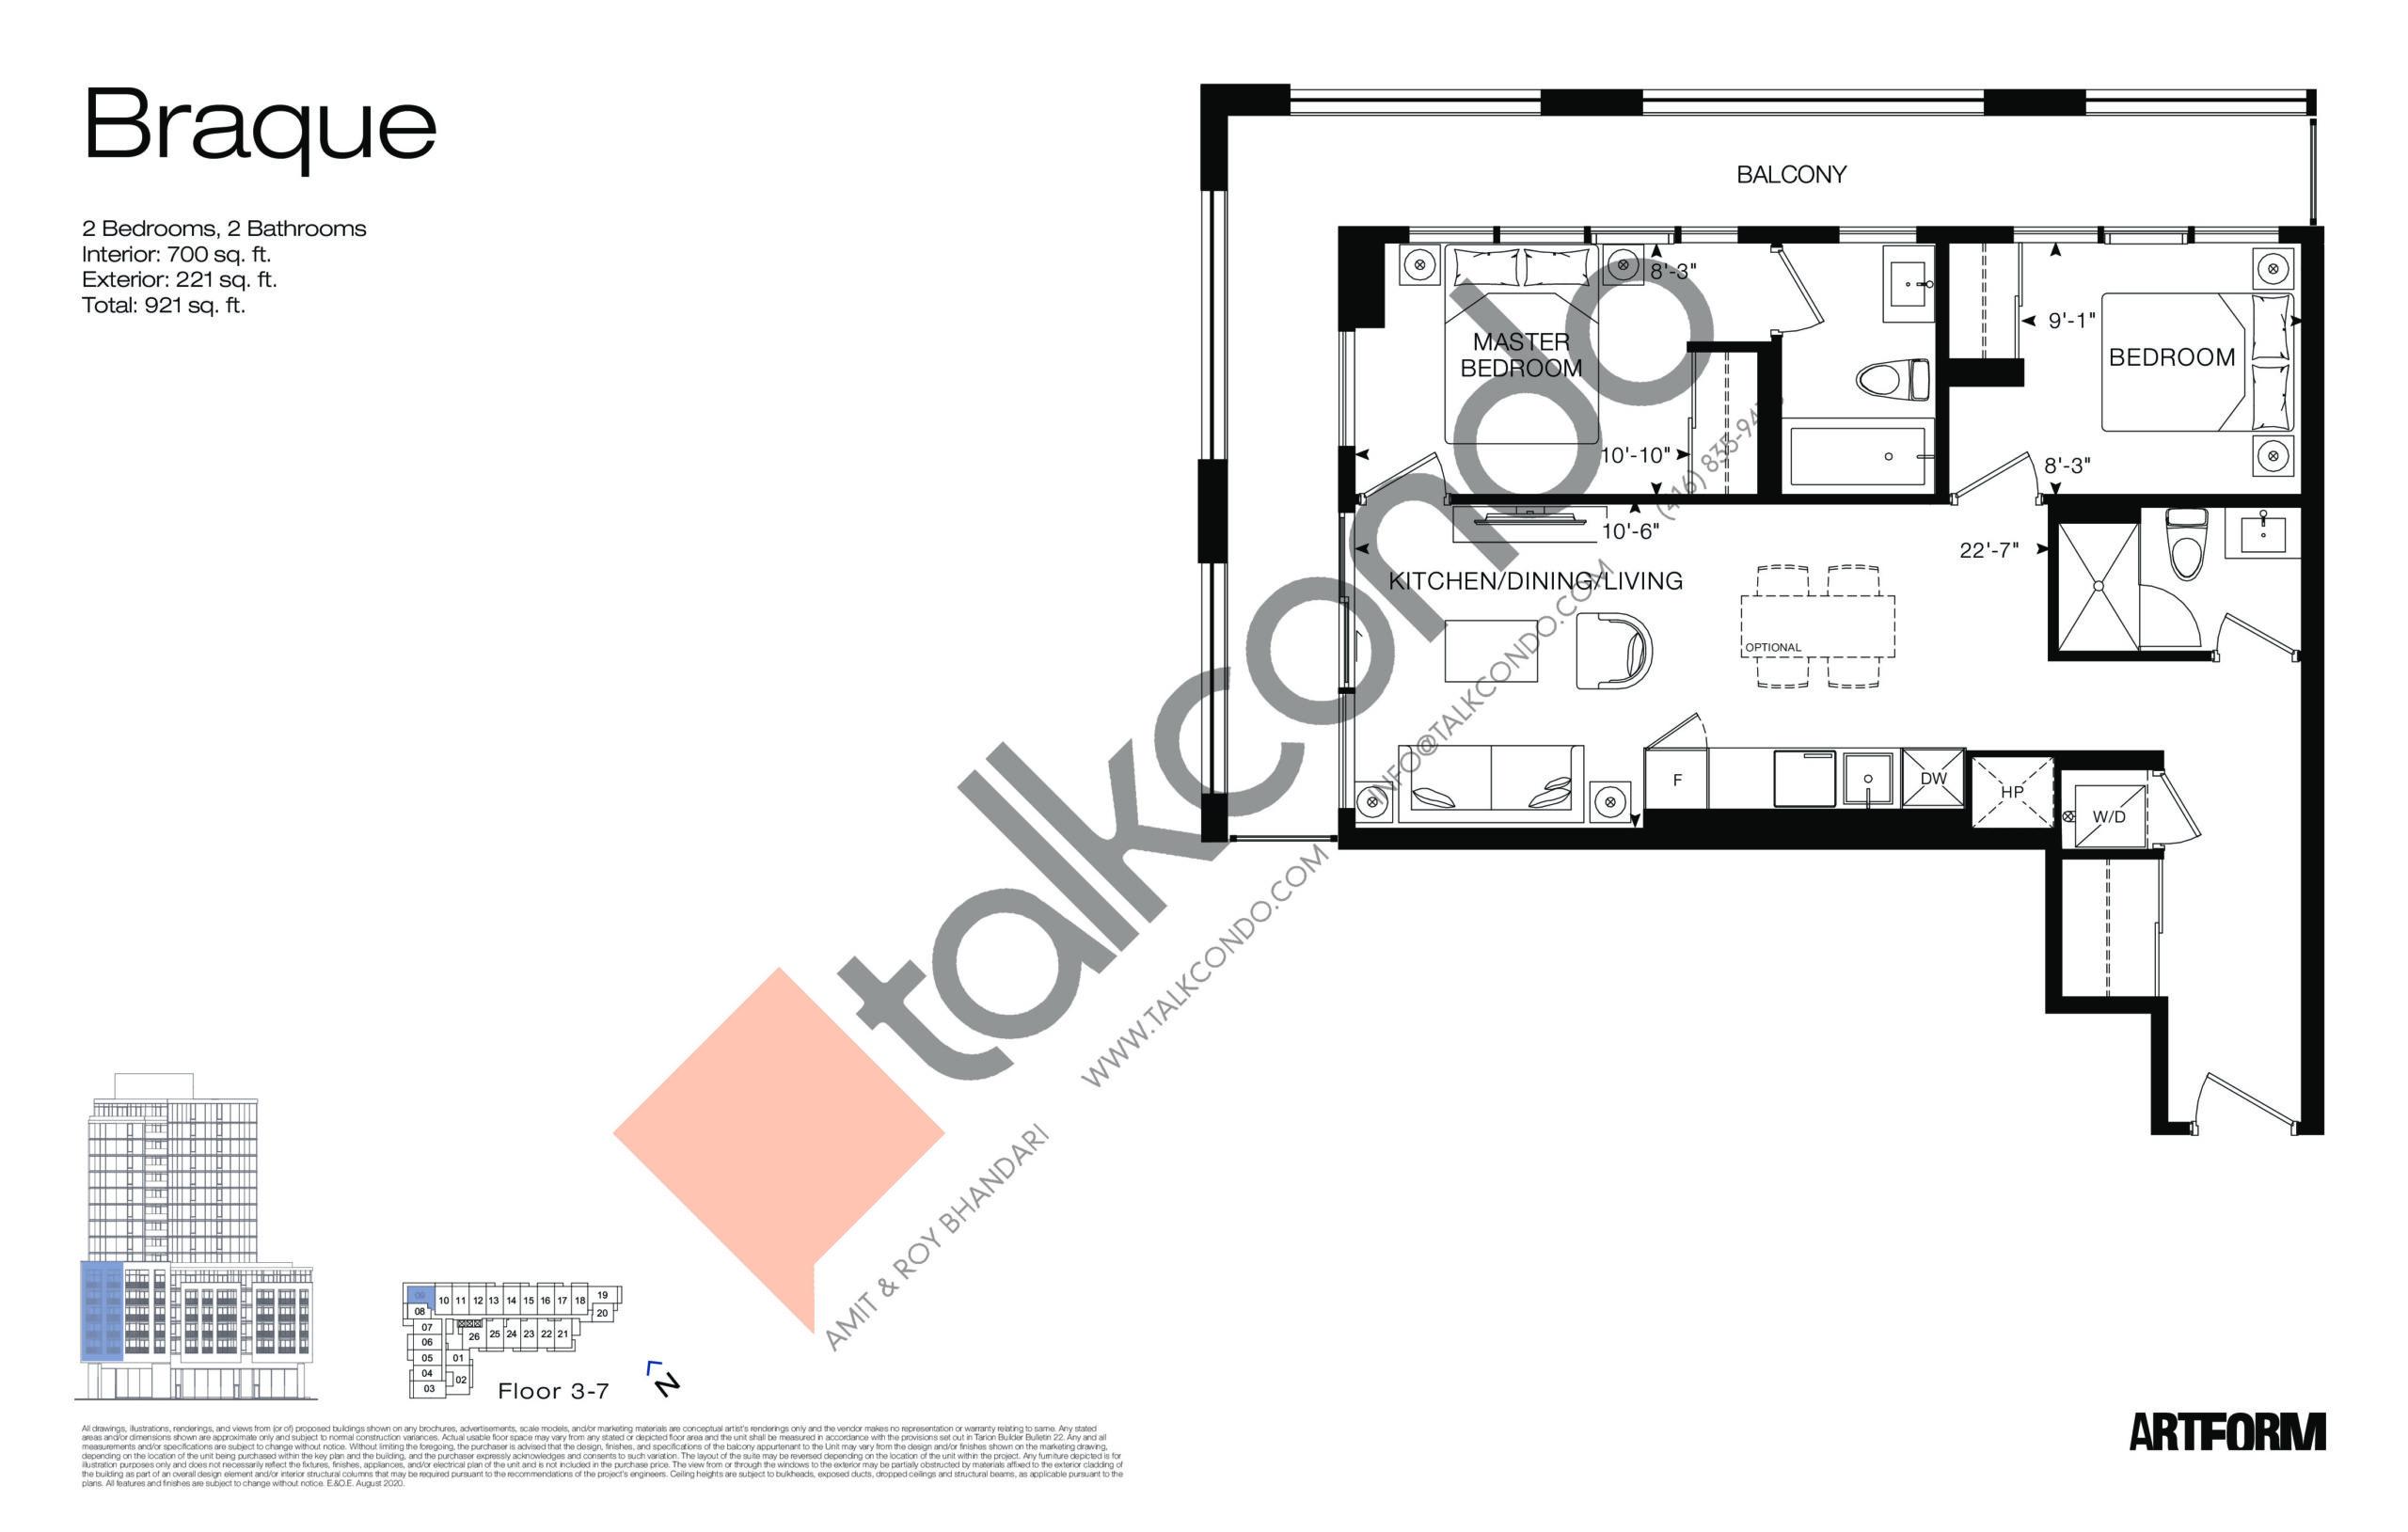 Braque Floor Plan at Artform Condos - 700 sq.ft